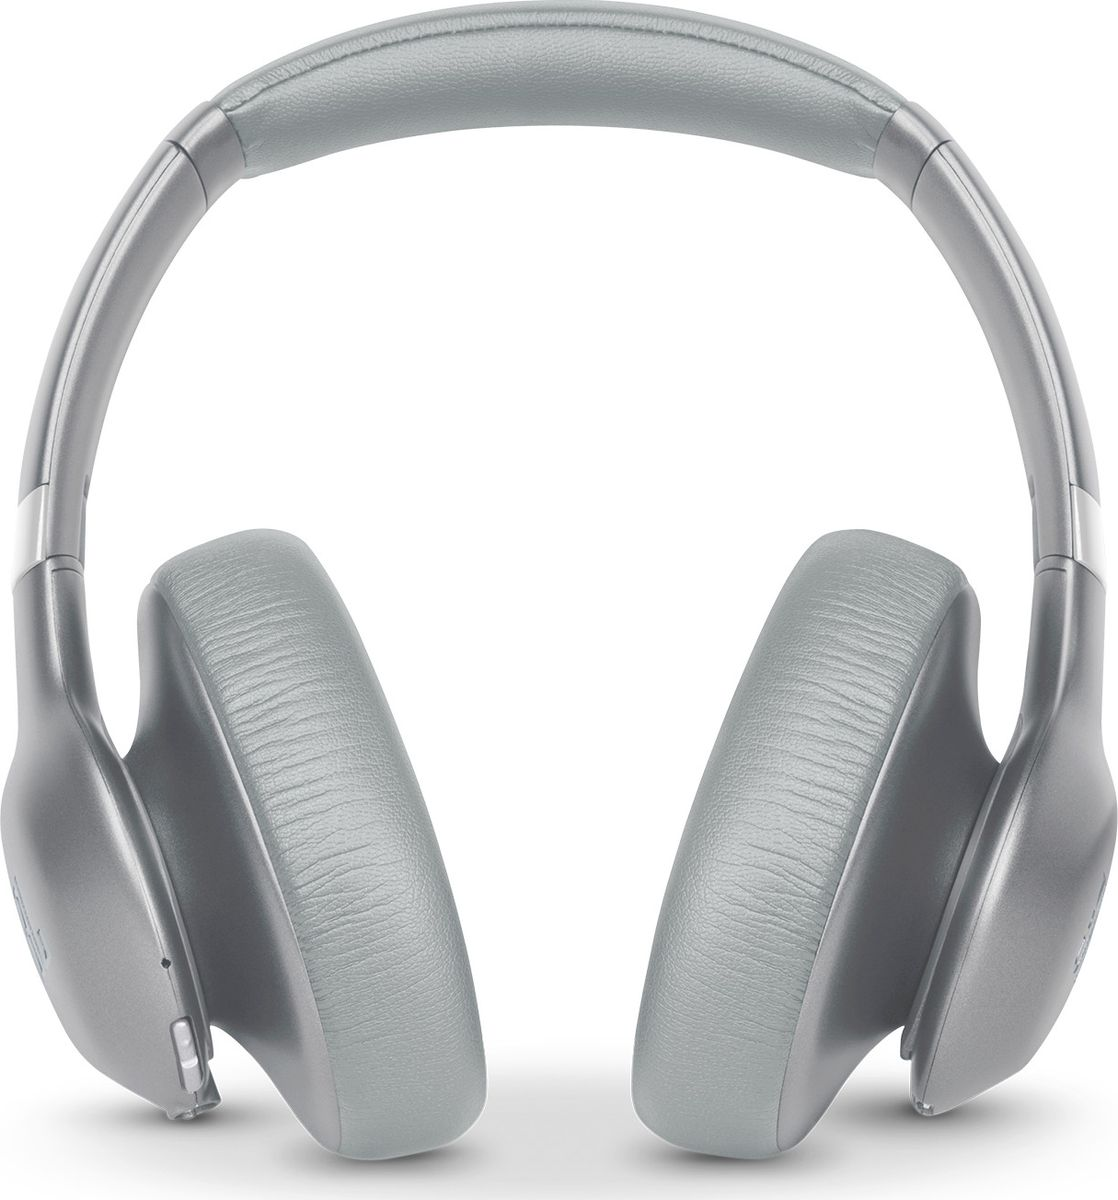 JBL Everest Elite 750NC, Silver наушникиJBLV750NXTSILВаша жизнь, ваша музыка, ваш комфорт: новейшие наушники JBL Everest Elite 750NC словно созданы лично для вас. Тщательно спроектированные, они предоставляют до 20 часов удовольствия от прослушивания без проводов на одной зарядке. В режиме активного шумоподавления (ANC), позволяющем выбирать, какие именно шумы необходимо подавлять, наушники работают до 15 часов. Быстрая 3-часовая зарядка, микрофон с функцией эхоподавления для звонков в режиме hands-free, легендарное качество звука JBL Pro, компактный чехол для переноски и удобство при складывании делают эти наушники идеальными для путешествий. Созданные из материалов премиум-класса и выполненные в металлических оттенках, эти элегантные наушники предназначены для плотной посадки и долговременного удобства прослушивания. Приложение My JBL Headphones позволяет пользователям загружать обновления для наушников, а также включает функцию автоматической калибровки звука TruNote Auto Sound Calibration, предназначенную для индивидуальной настройки звучания в зависимости от прилегания чашек наушников, обеспечивая наилучшее качество звука.